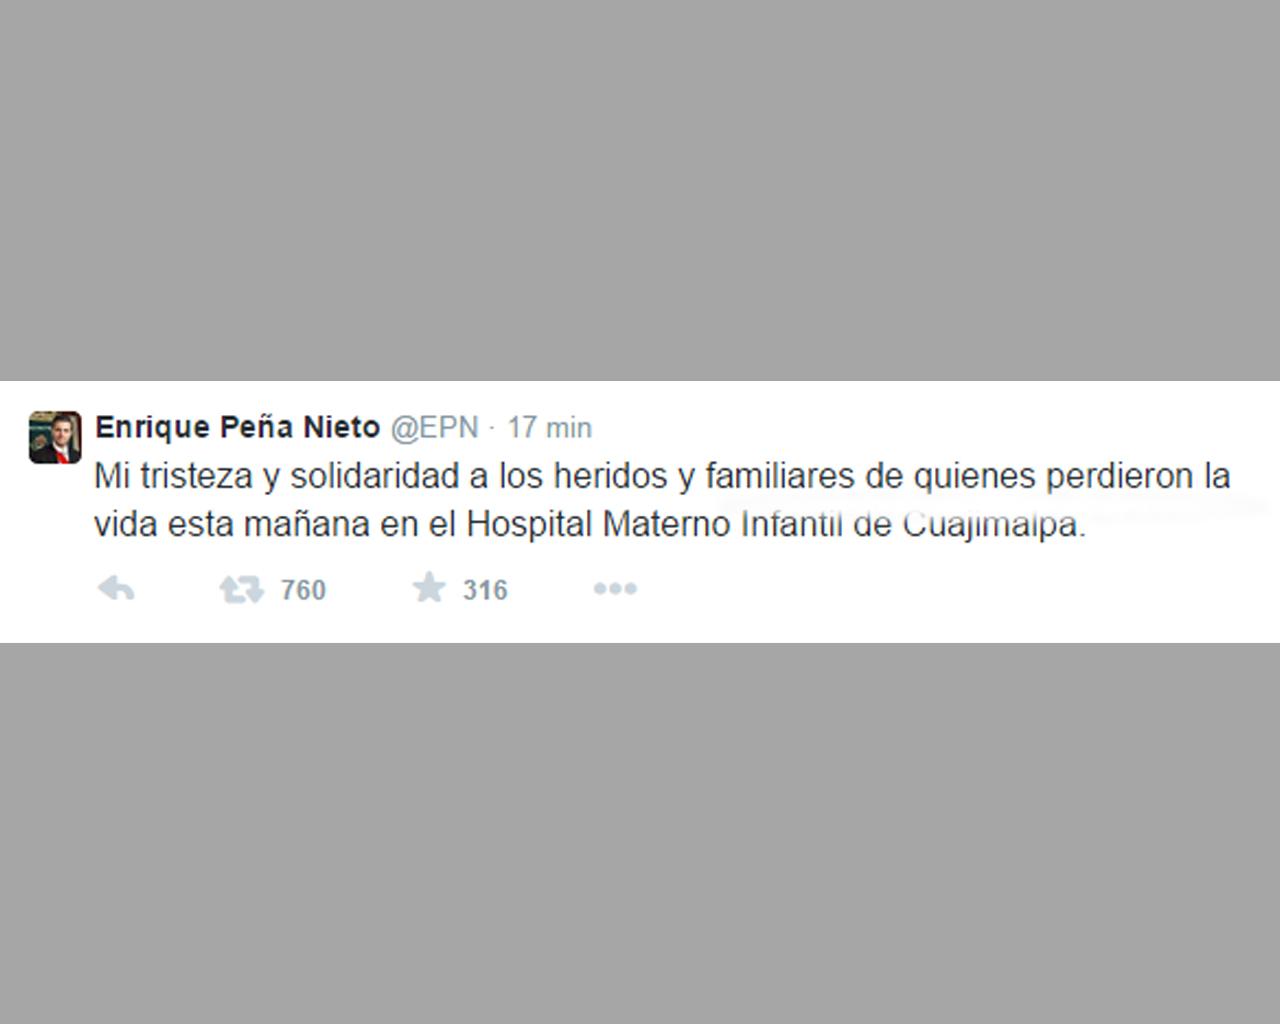 EPN se solidariza con las víctimas del Hospital Materno Infantil de Cuajimalpa